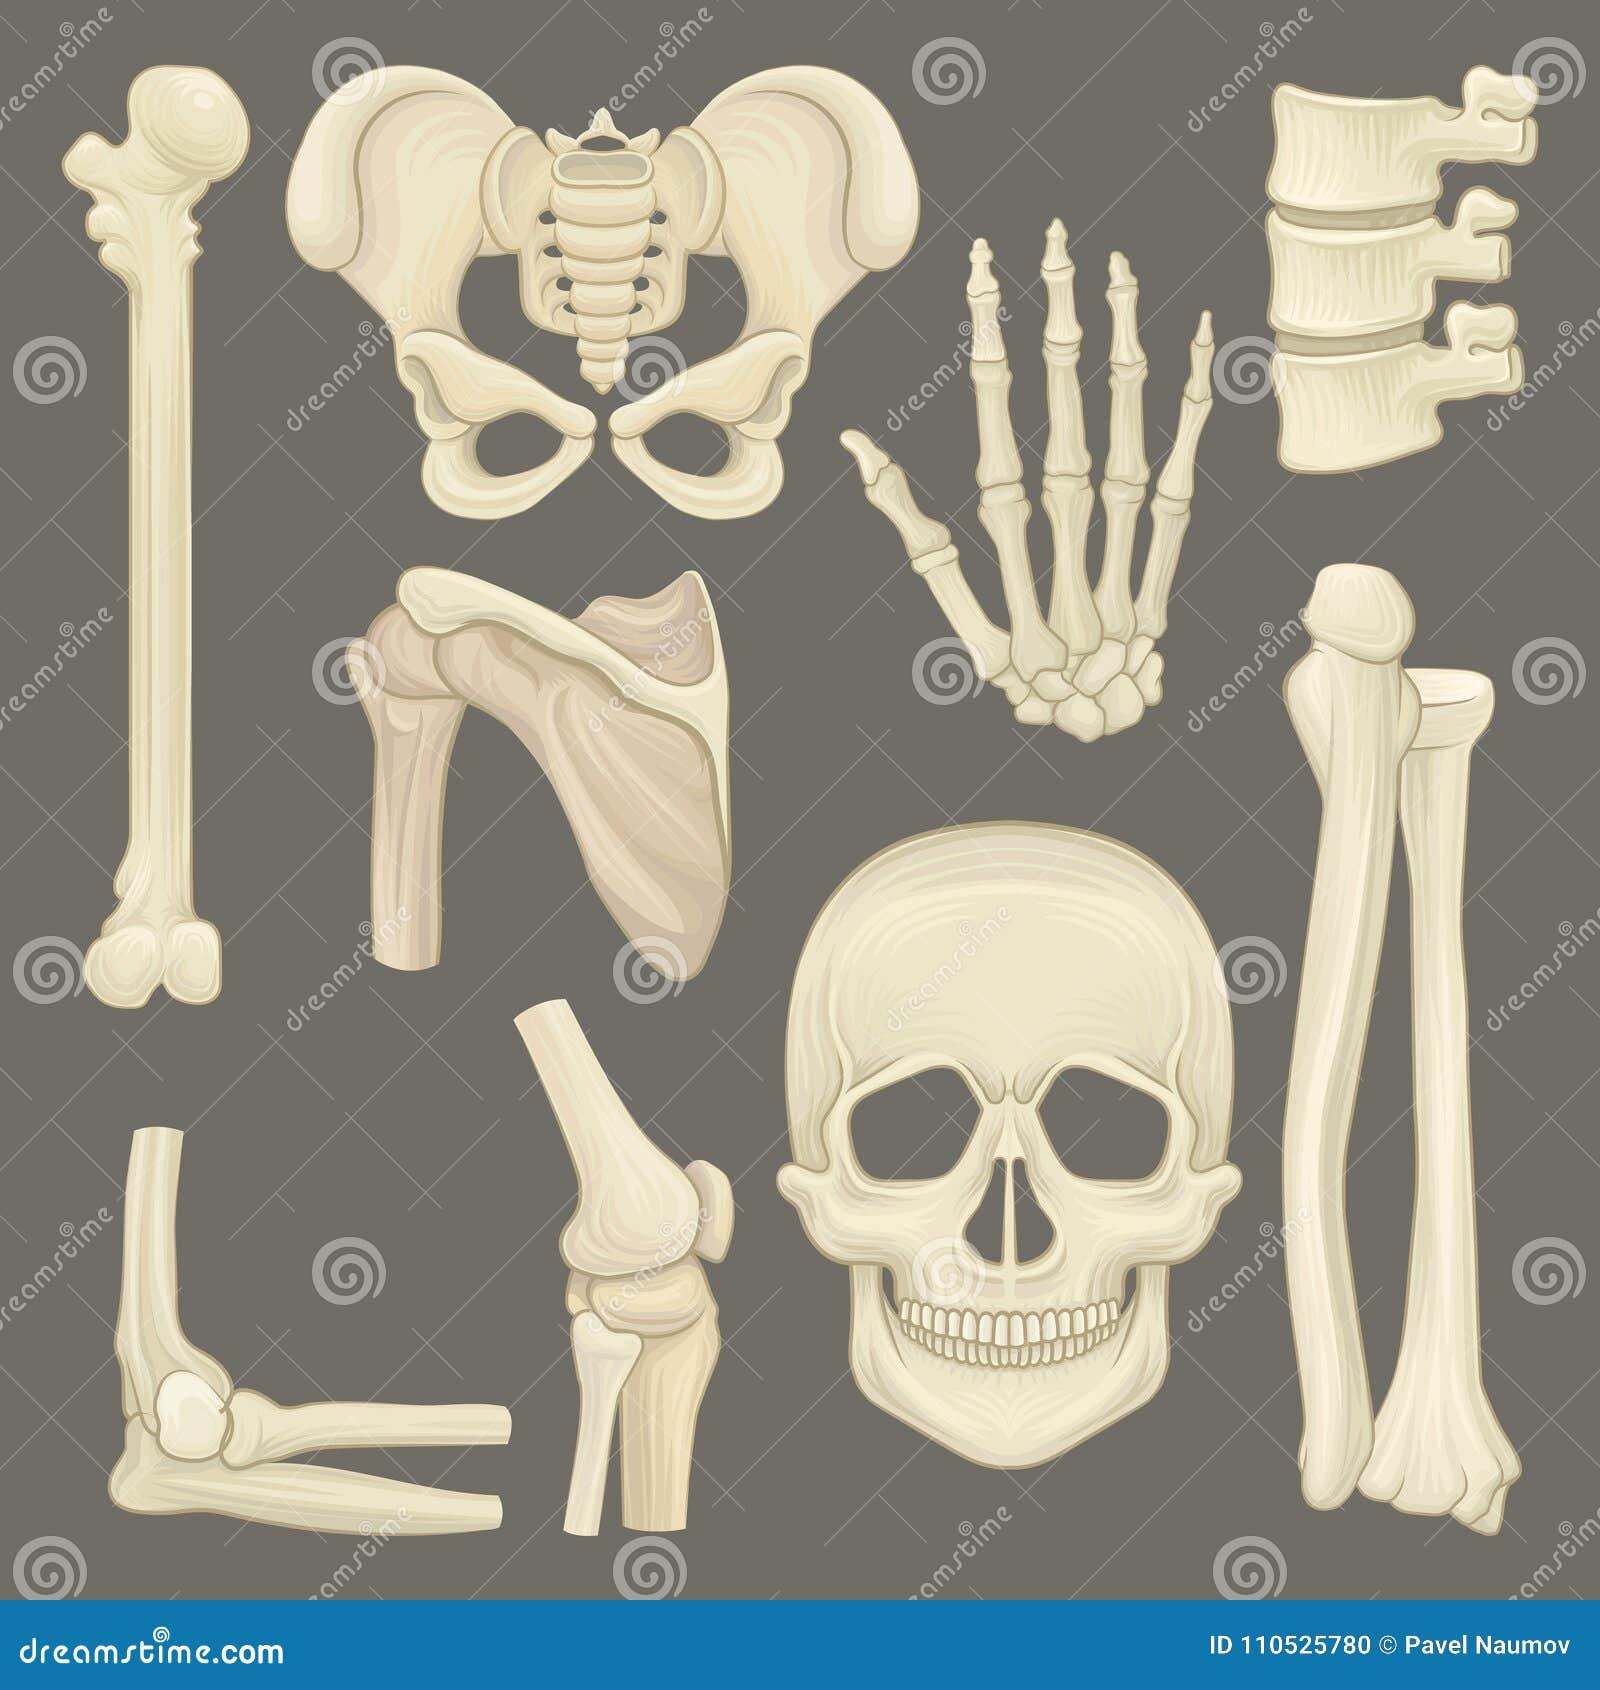 Piezas Del Esqueleto Humano Cráneo, Faja Pélvica, Mano, Húmero ...